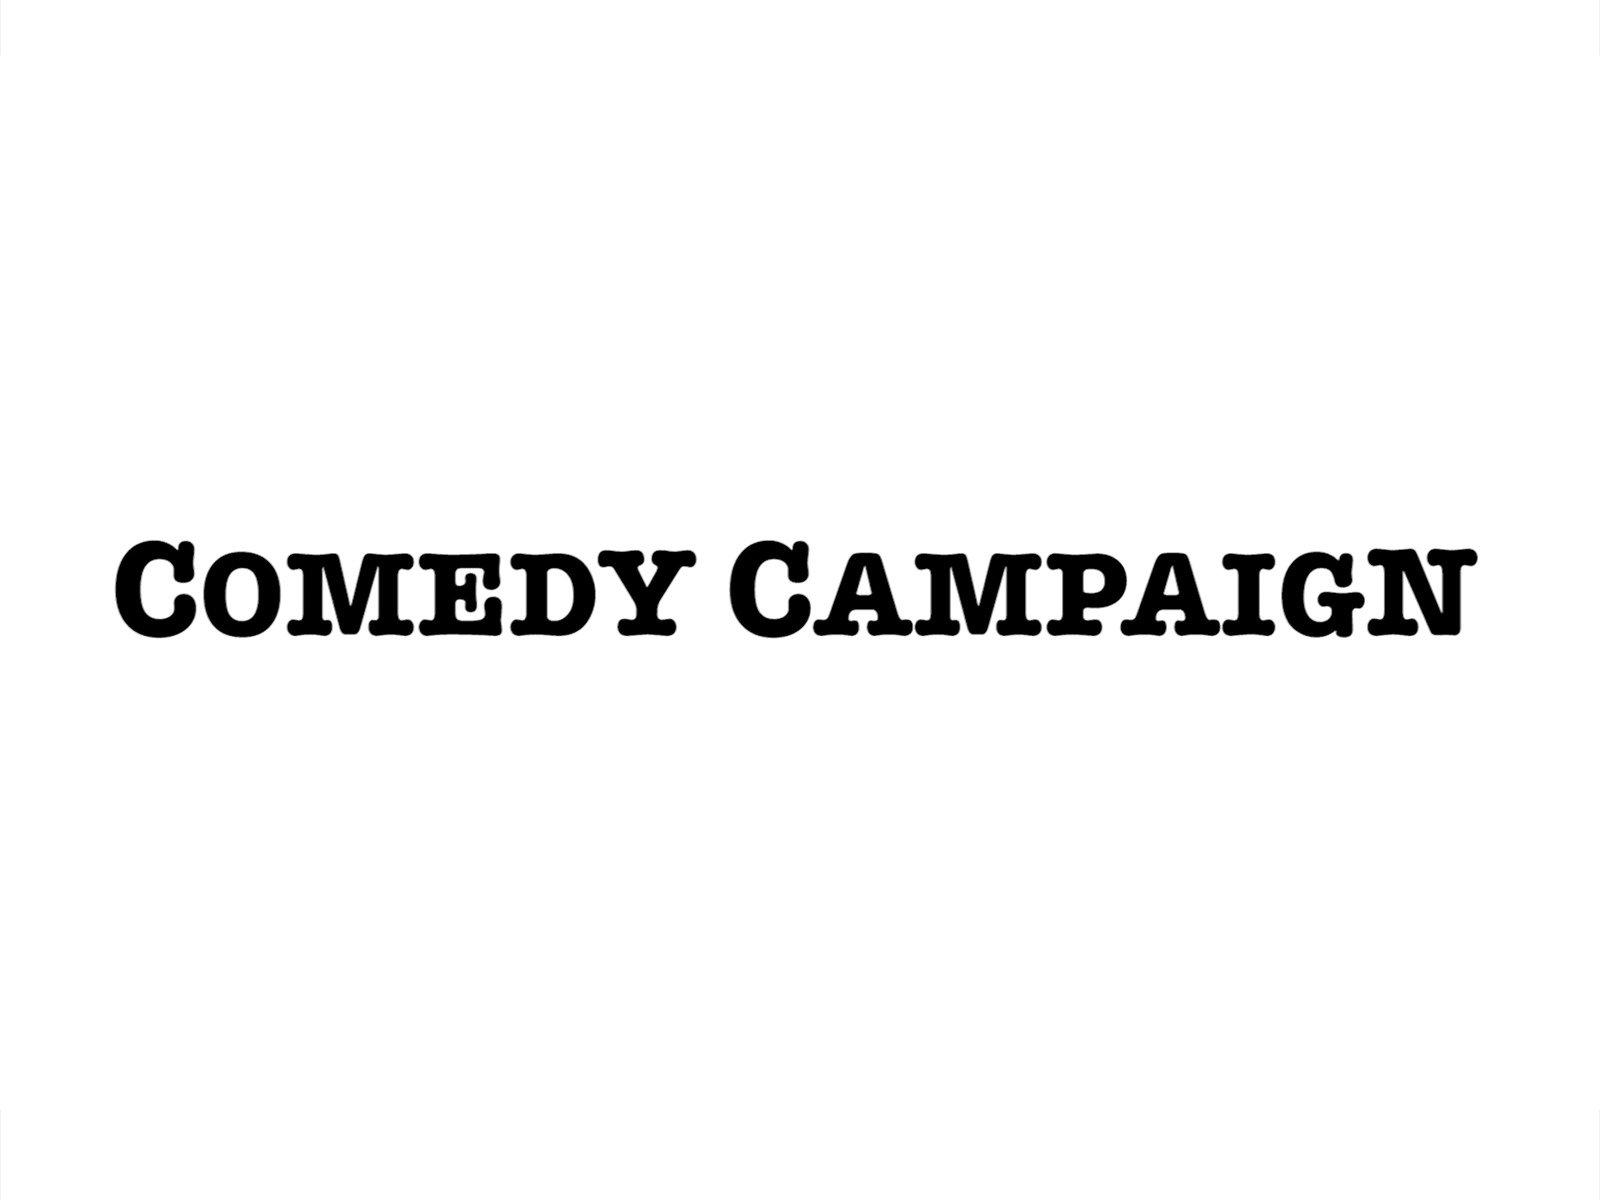 Comedy Campaign - Season 1